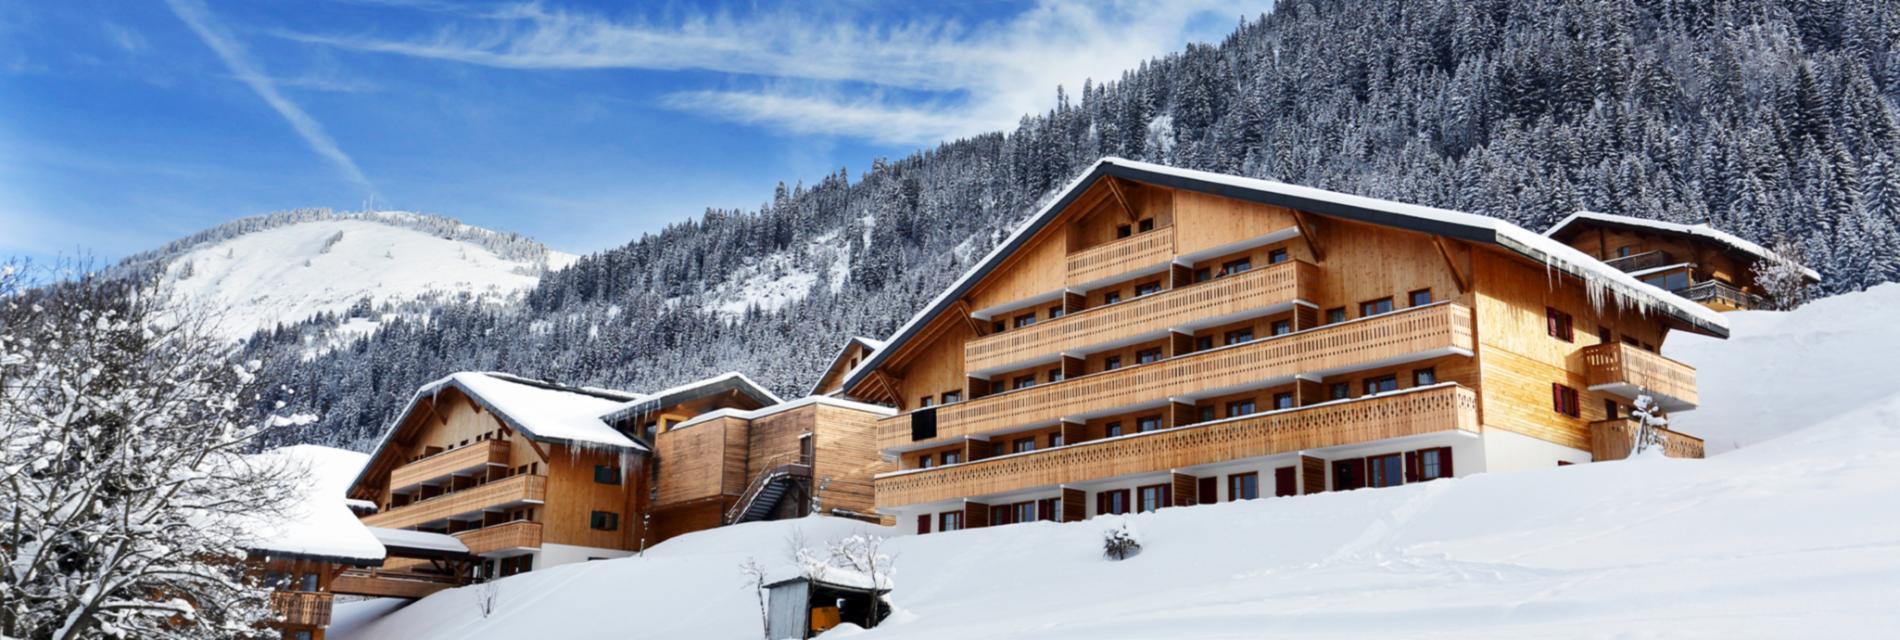 Slide La résidence le Grand Lodge - Montagne Hiver